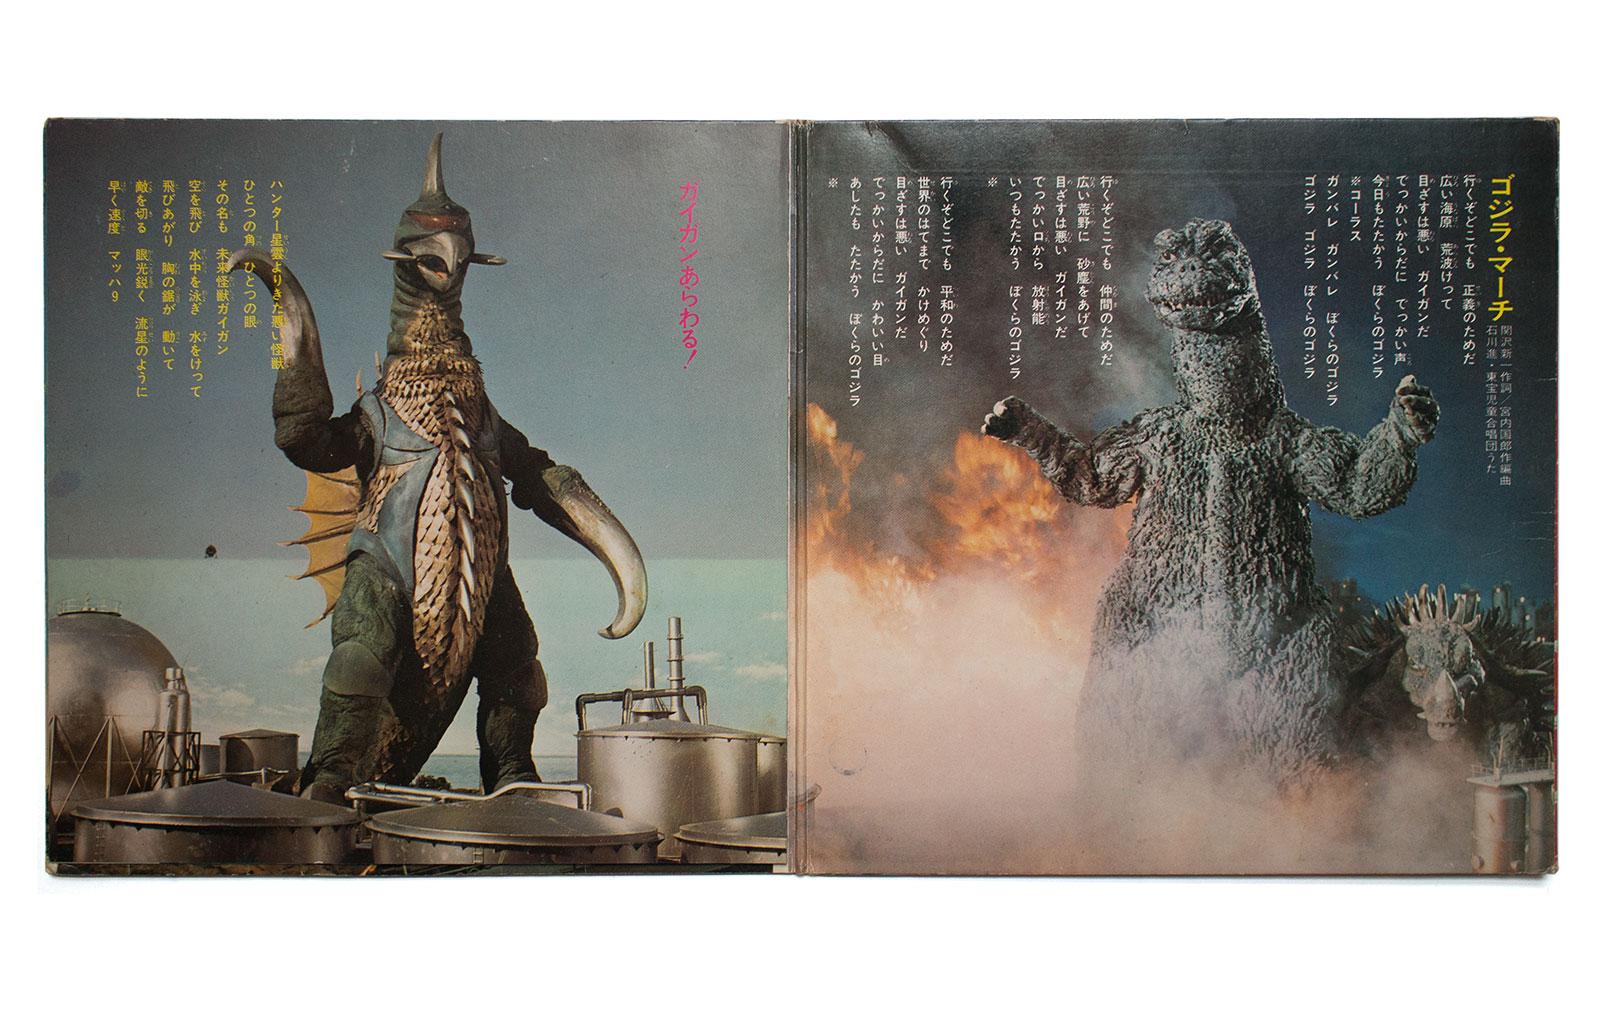 Toho Record Godzilla March pages 1-2